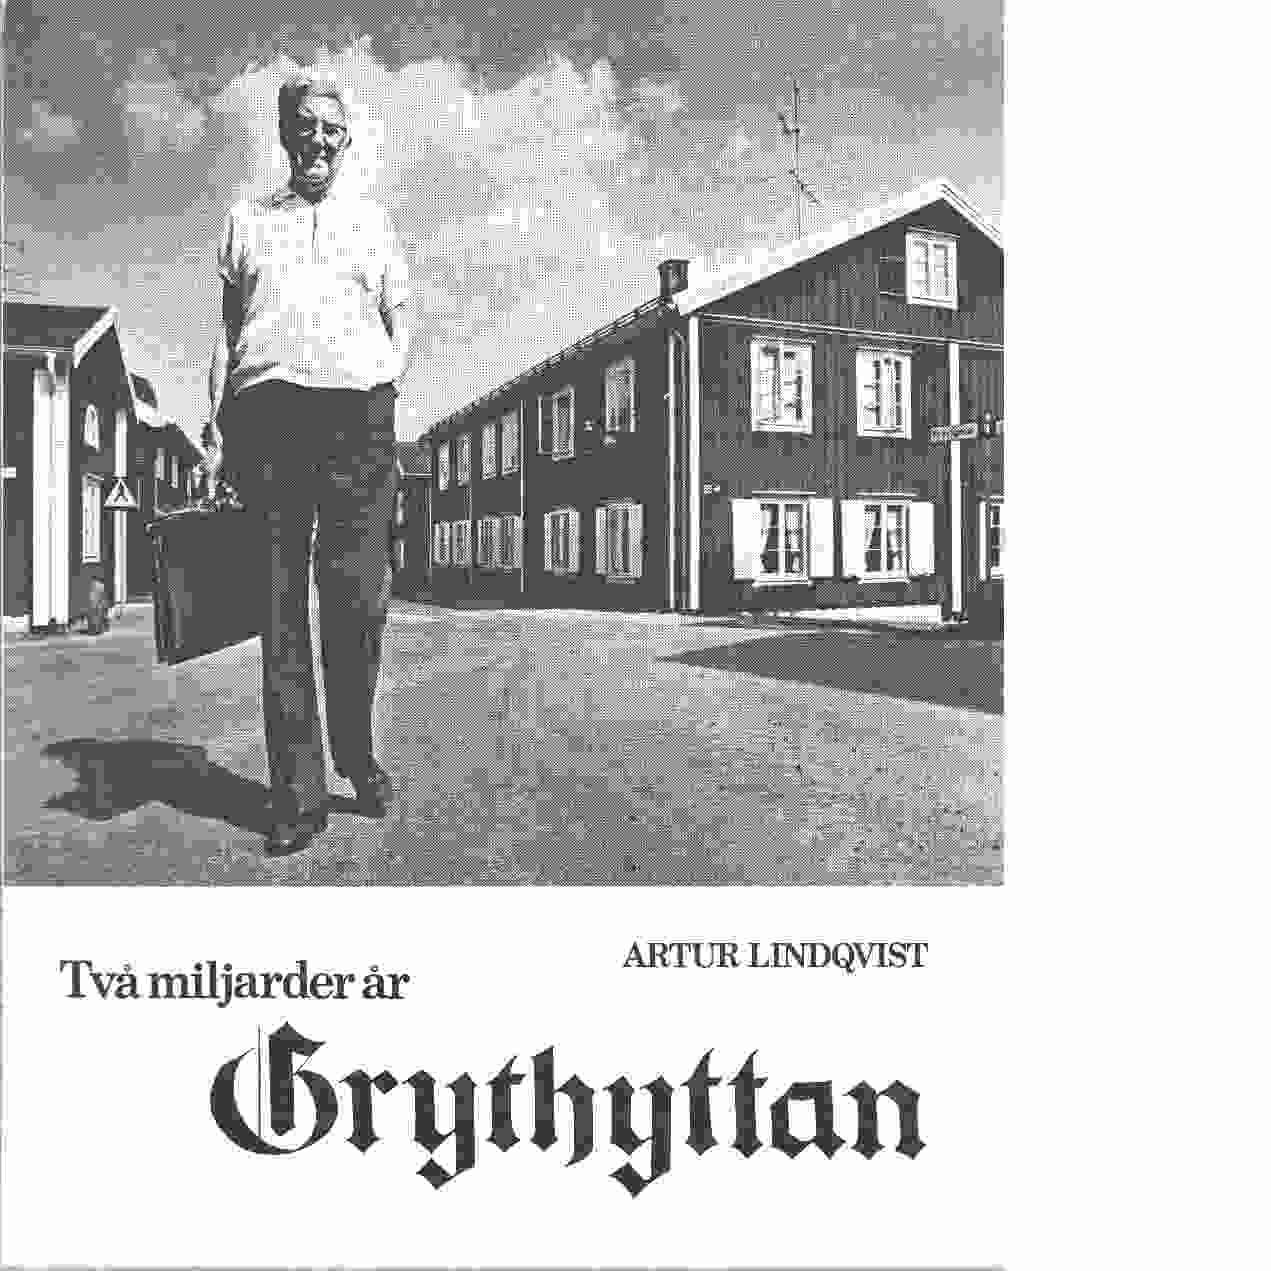 Två miljarder år Grythyttan - Lindqvist, Artur